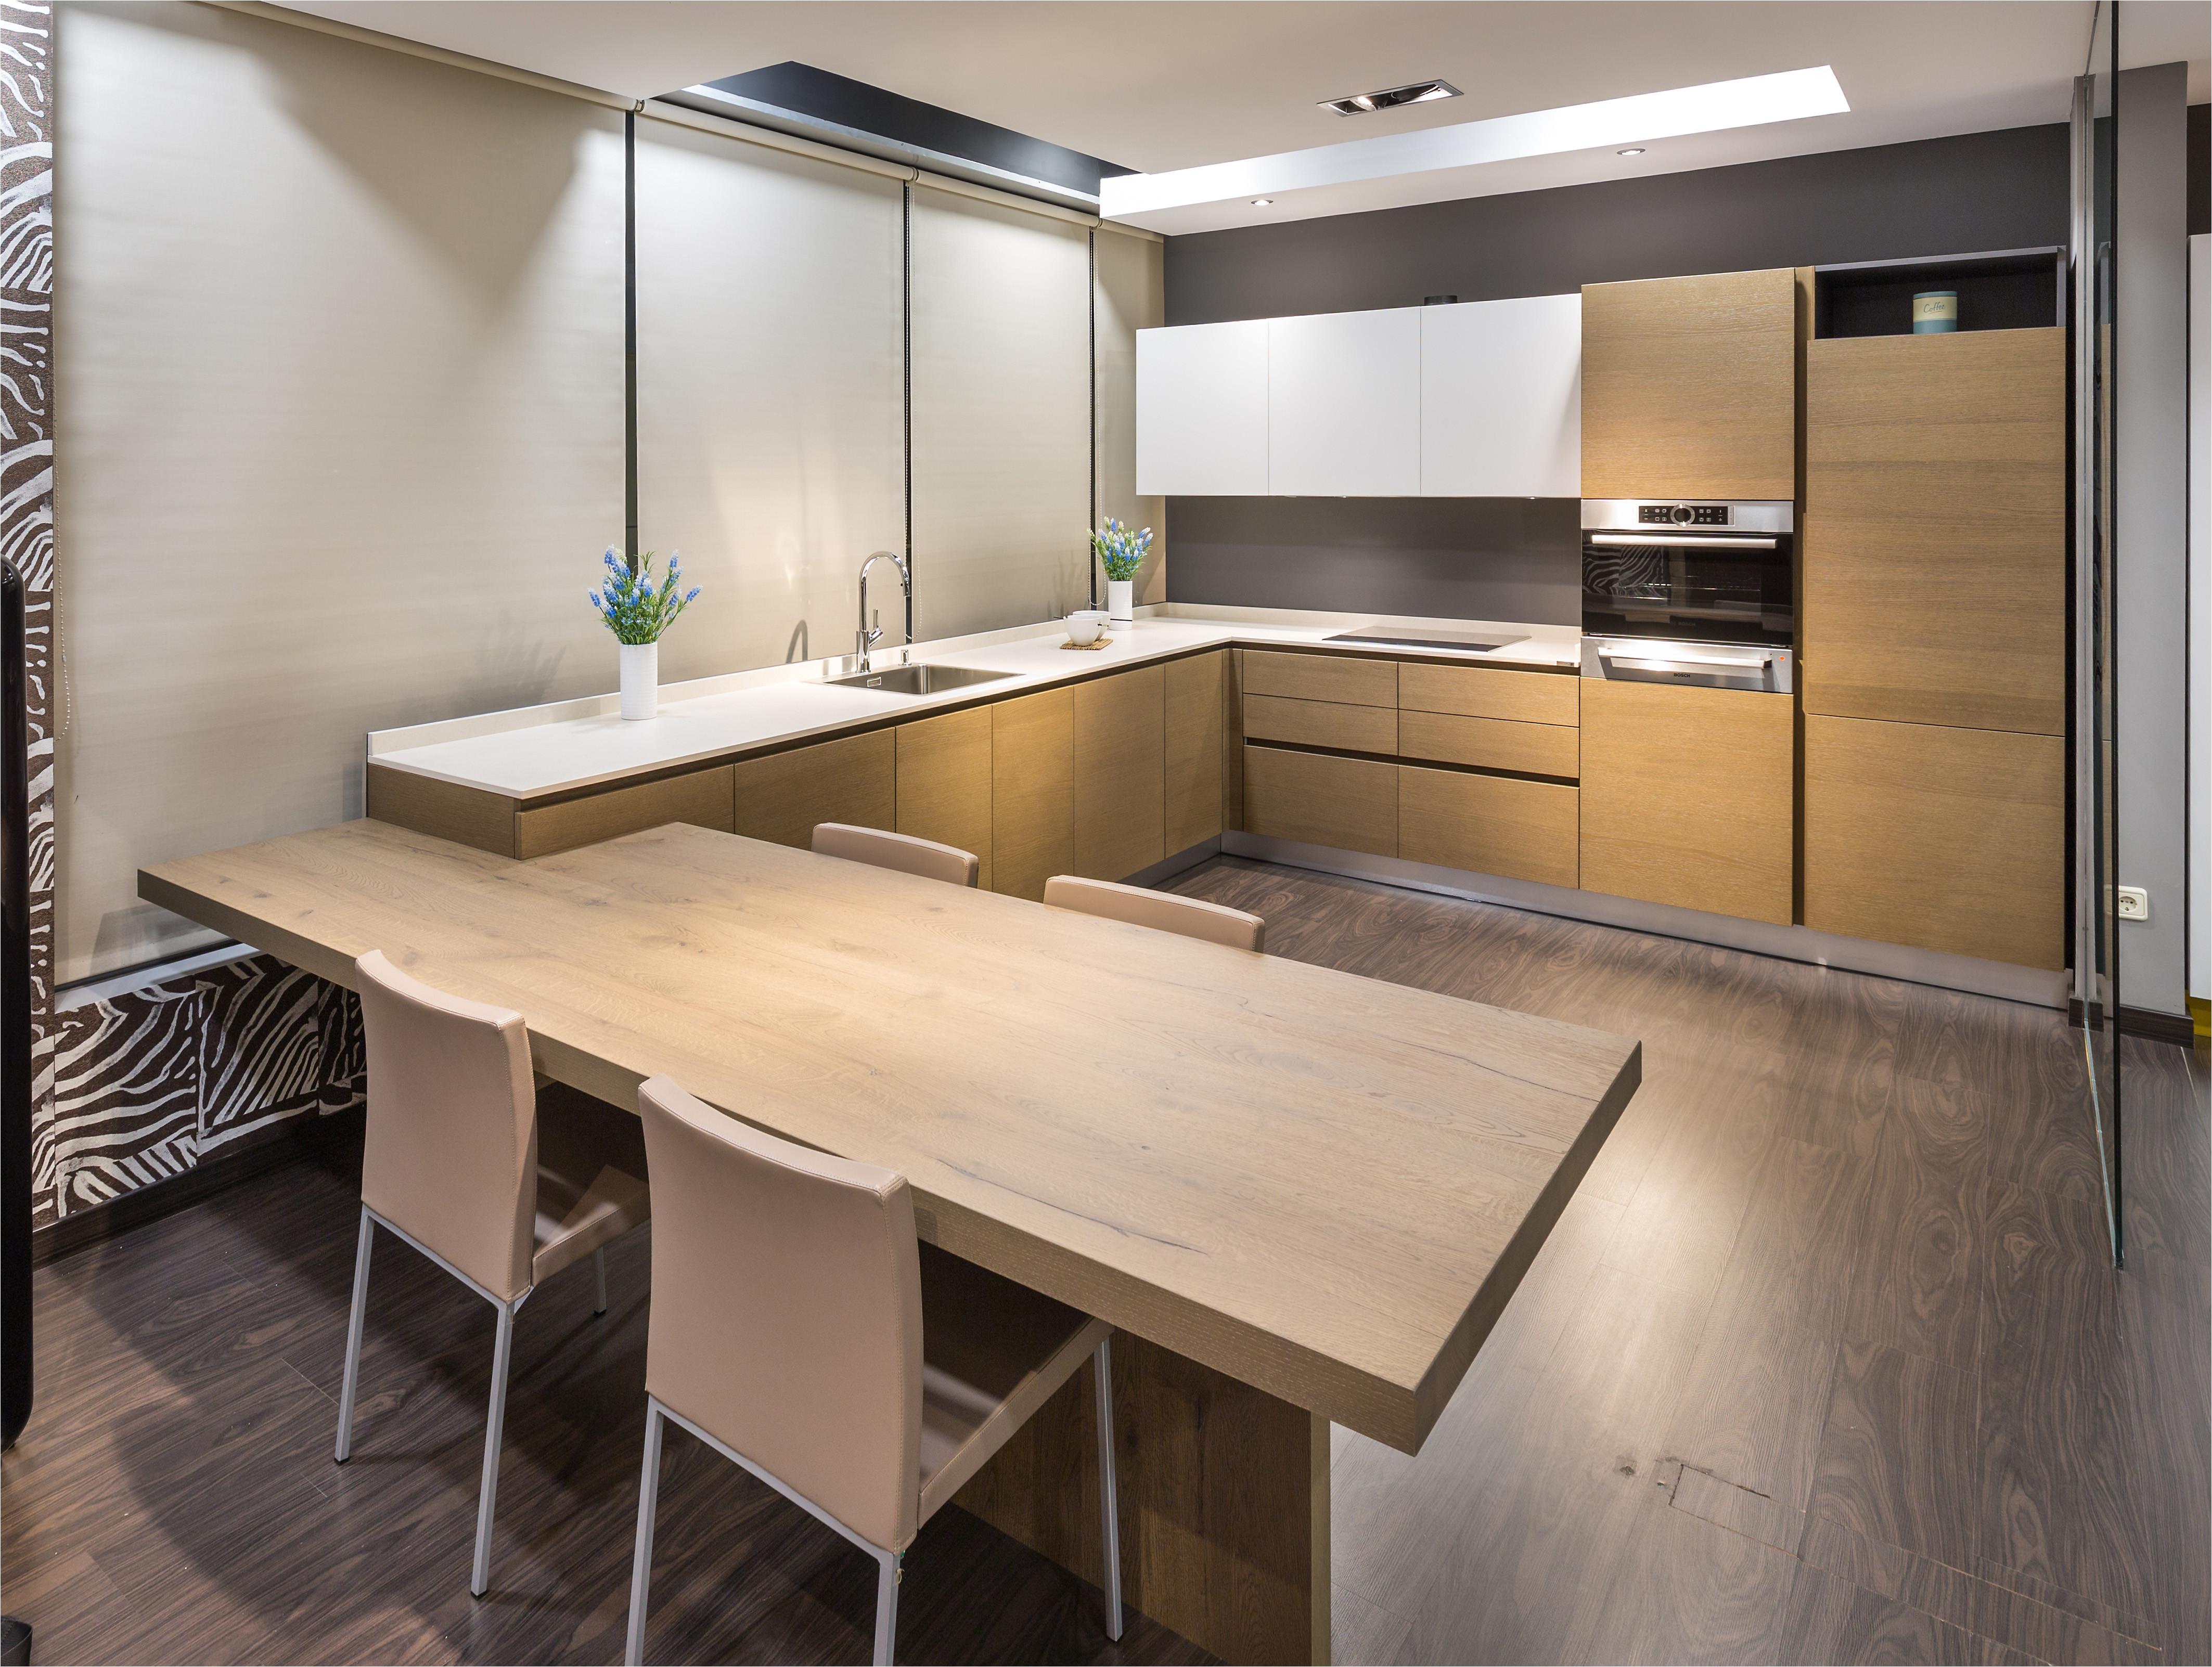 suelos para cocinas blancas para gustado cocinas blancas y negras muebles de cocina de distinto color pisos diseno para suelos para cocinas blancas jpg